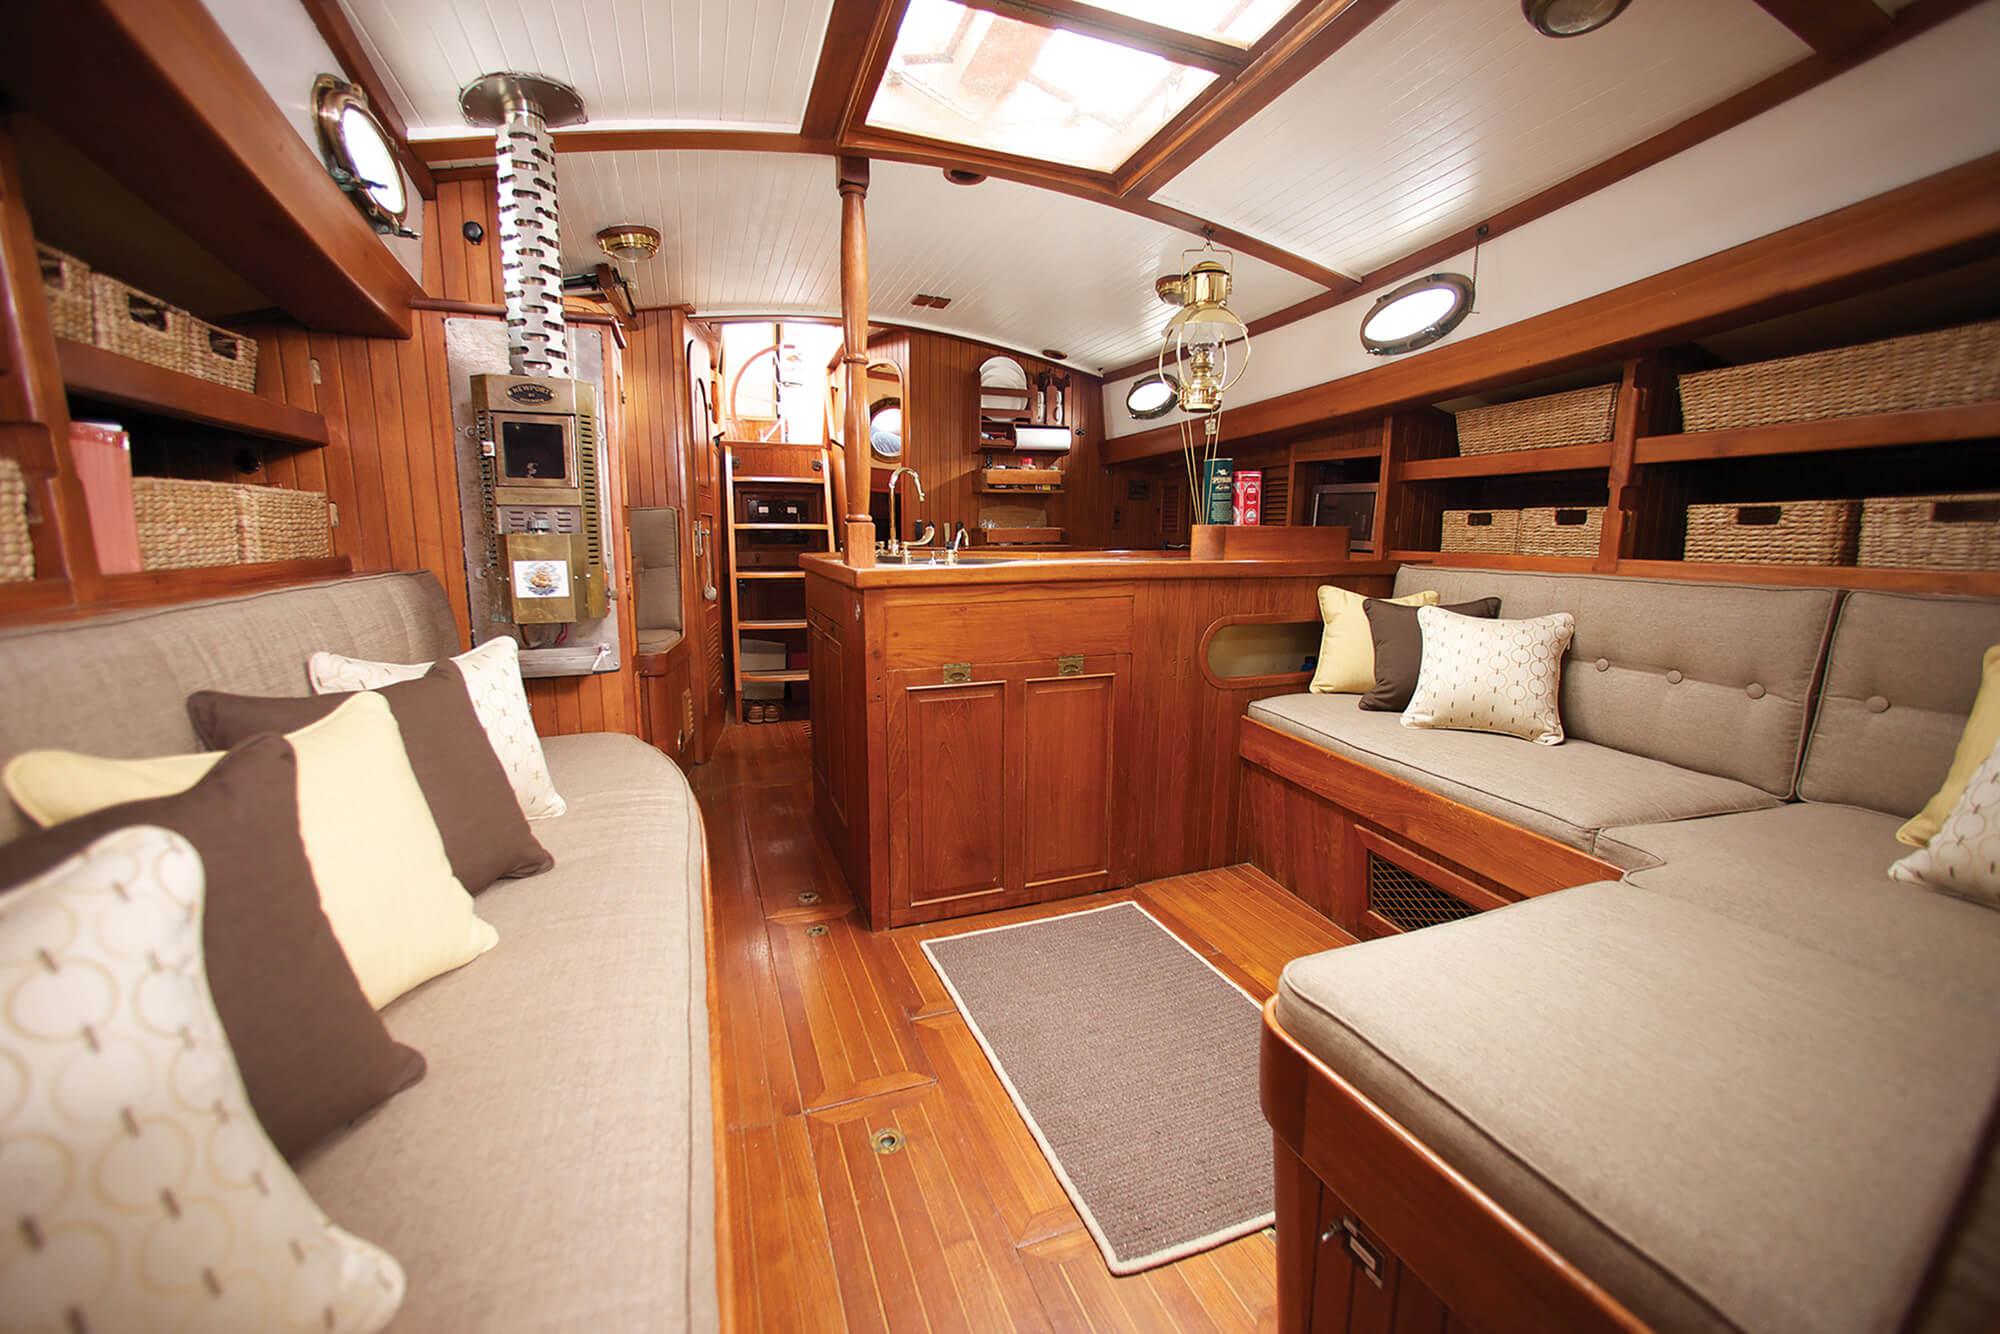 帆船舱内,棕黄色调下散落着 Sunbrella 织物制成的坐垫与枕头